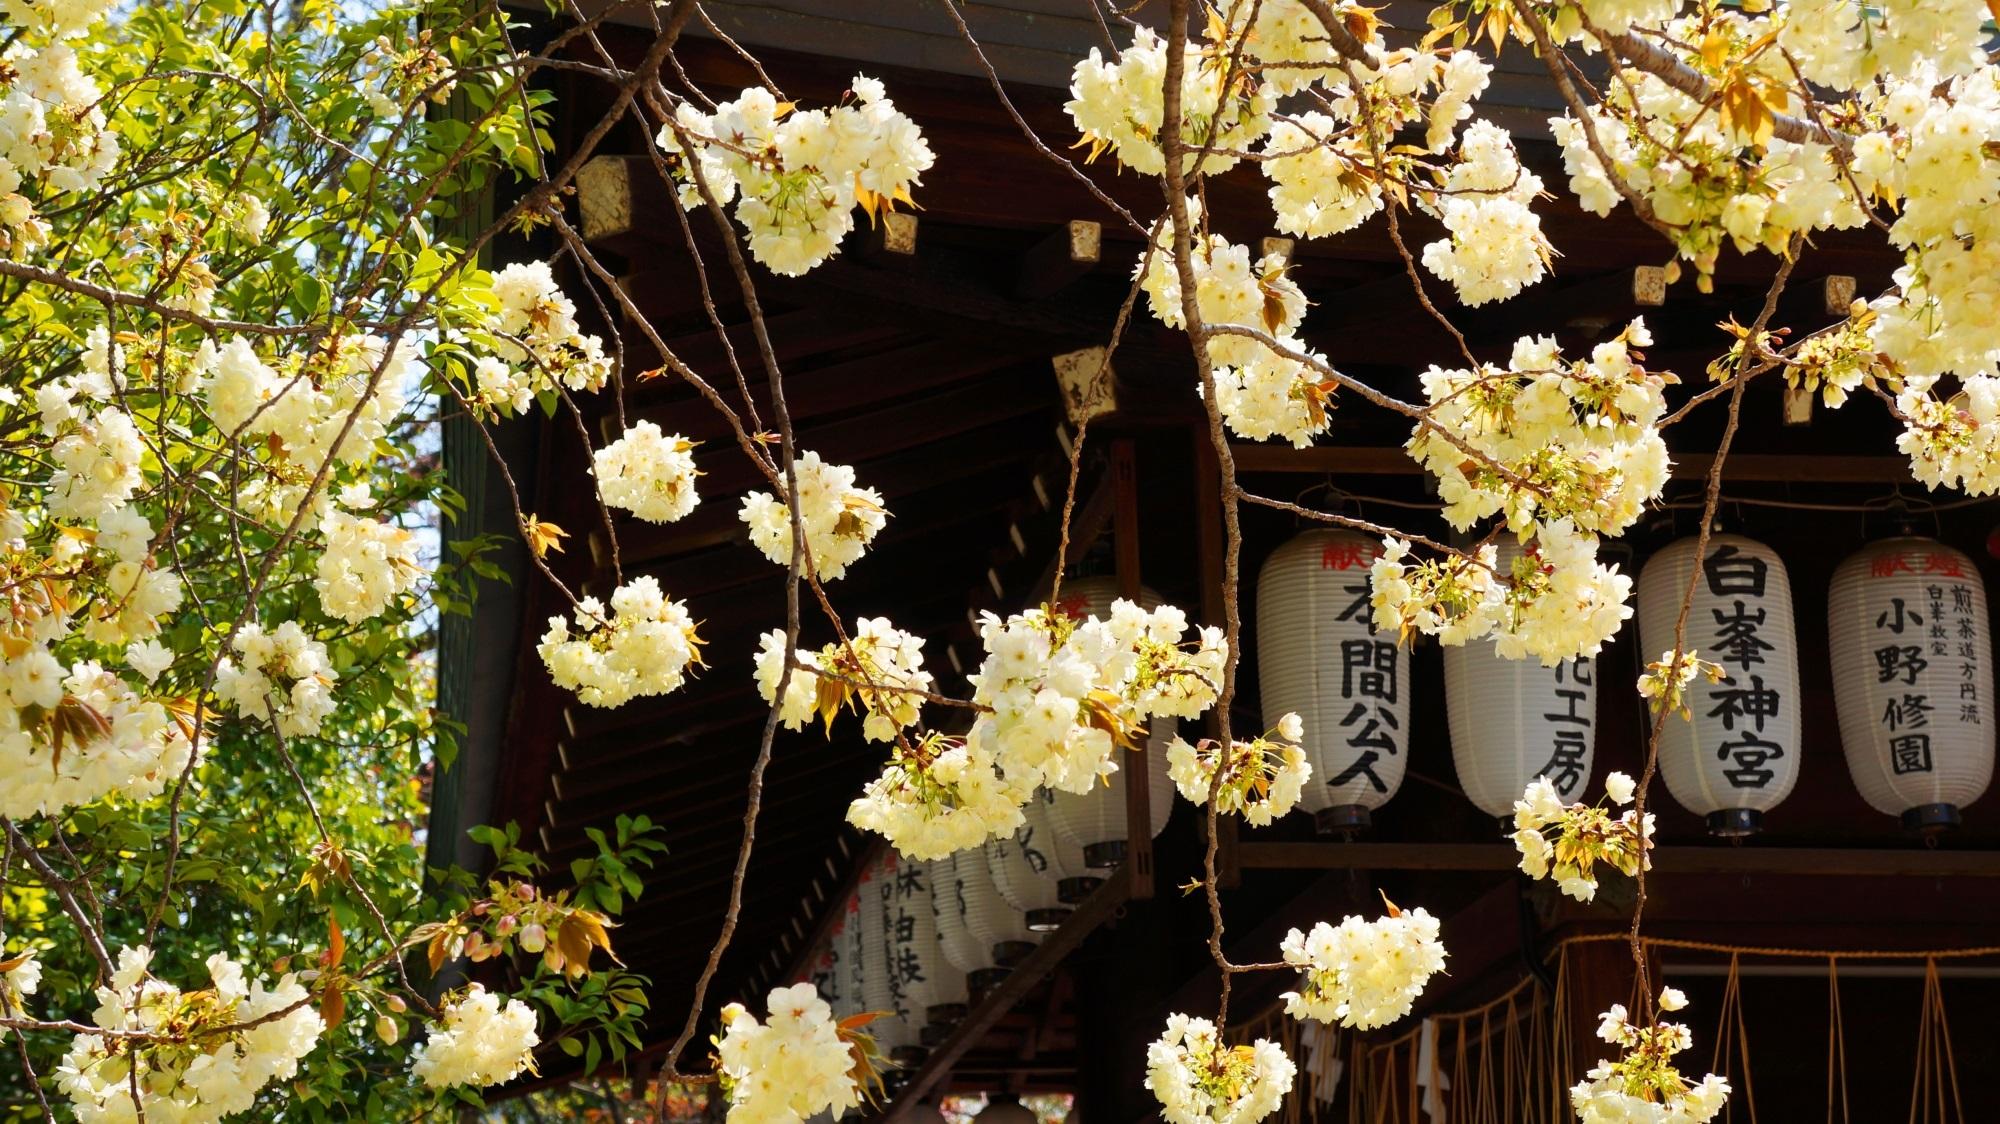 白峯神宮 黄桜 スポーツの神様の華やかな彩り